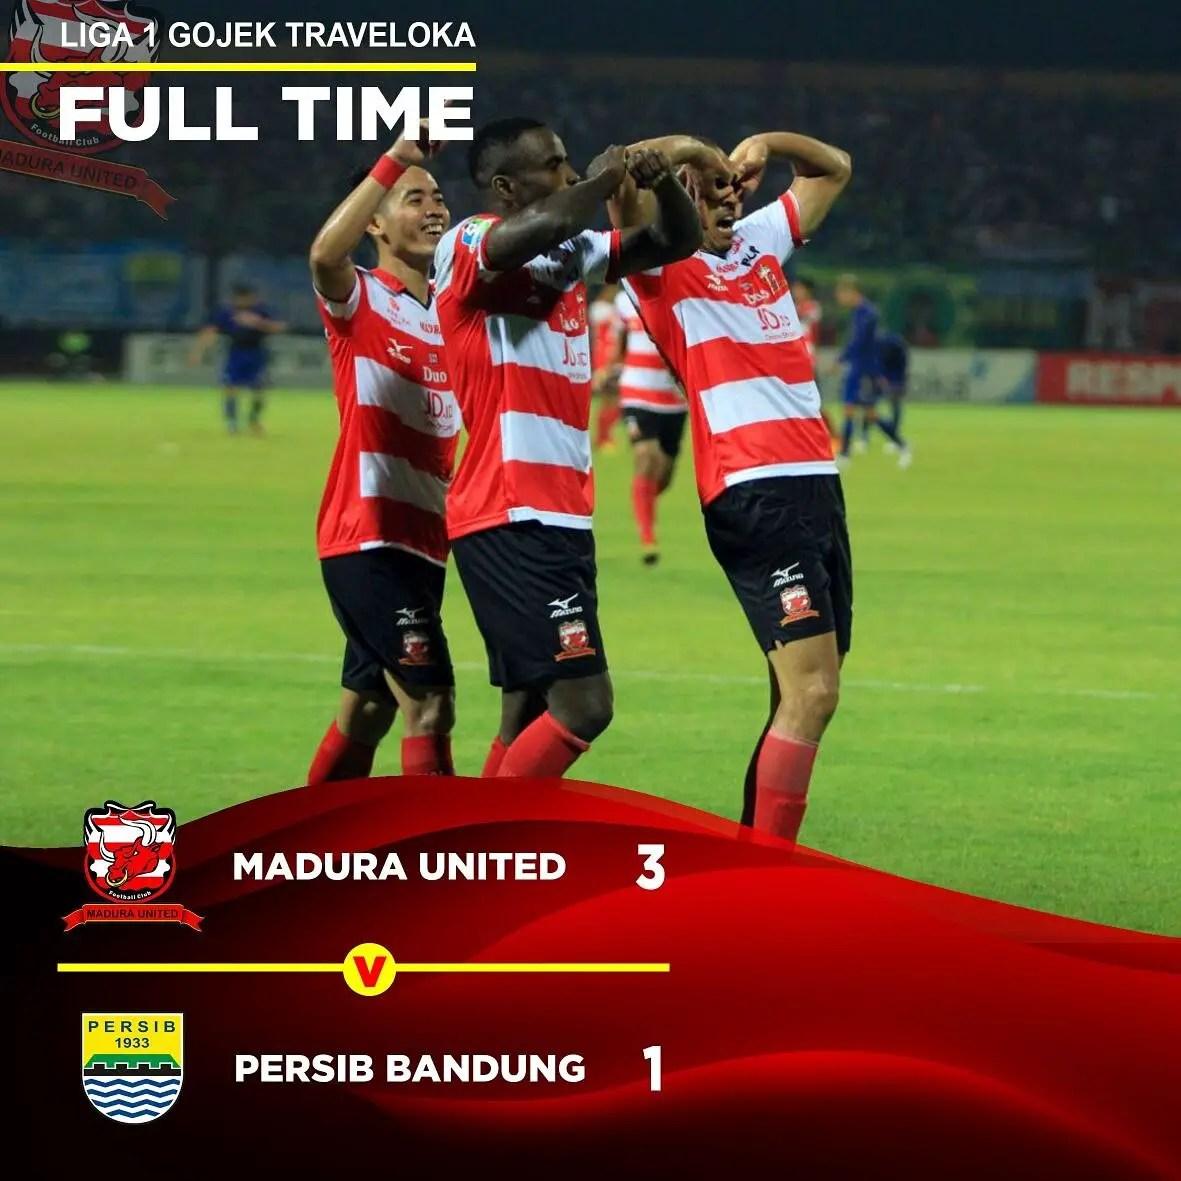 Odemwingie Scores Brace In Madura United Win